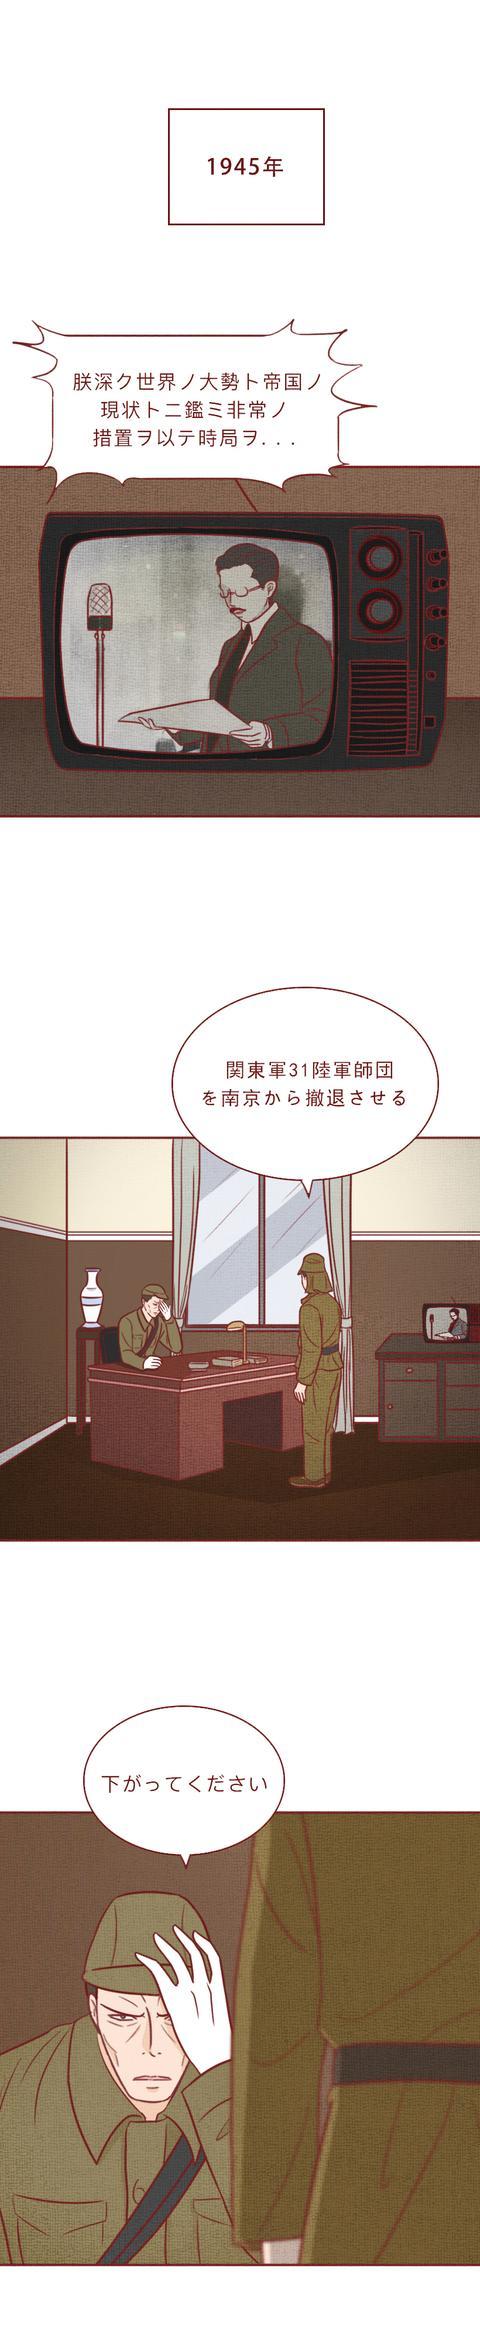 漫画人,人性漫画:房东为了活命,不断帮日本人杀害租客,结局极度舒适